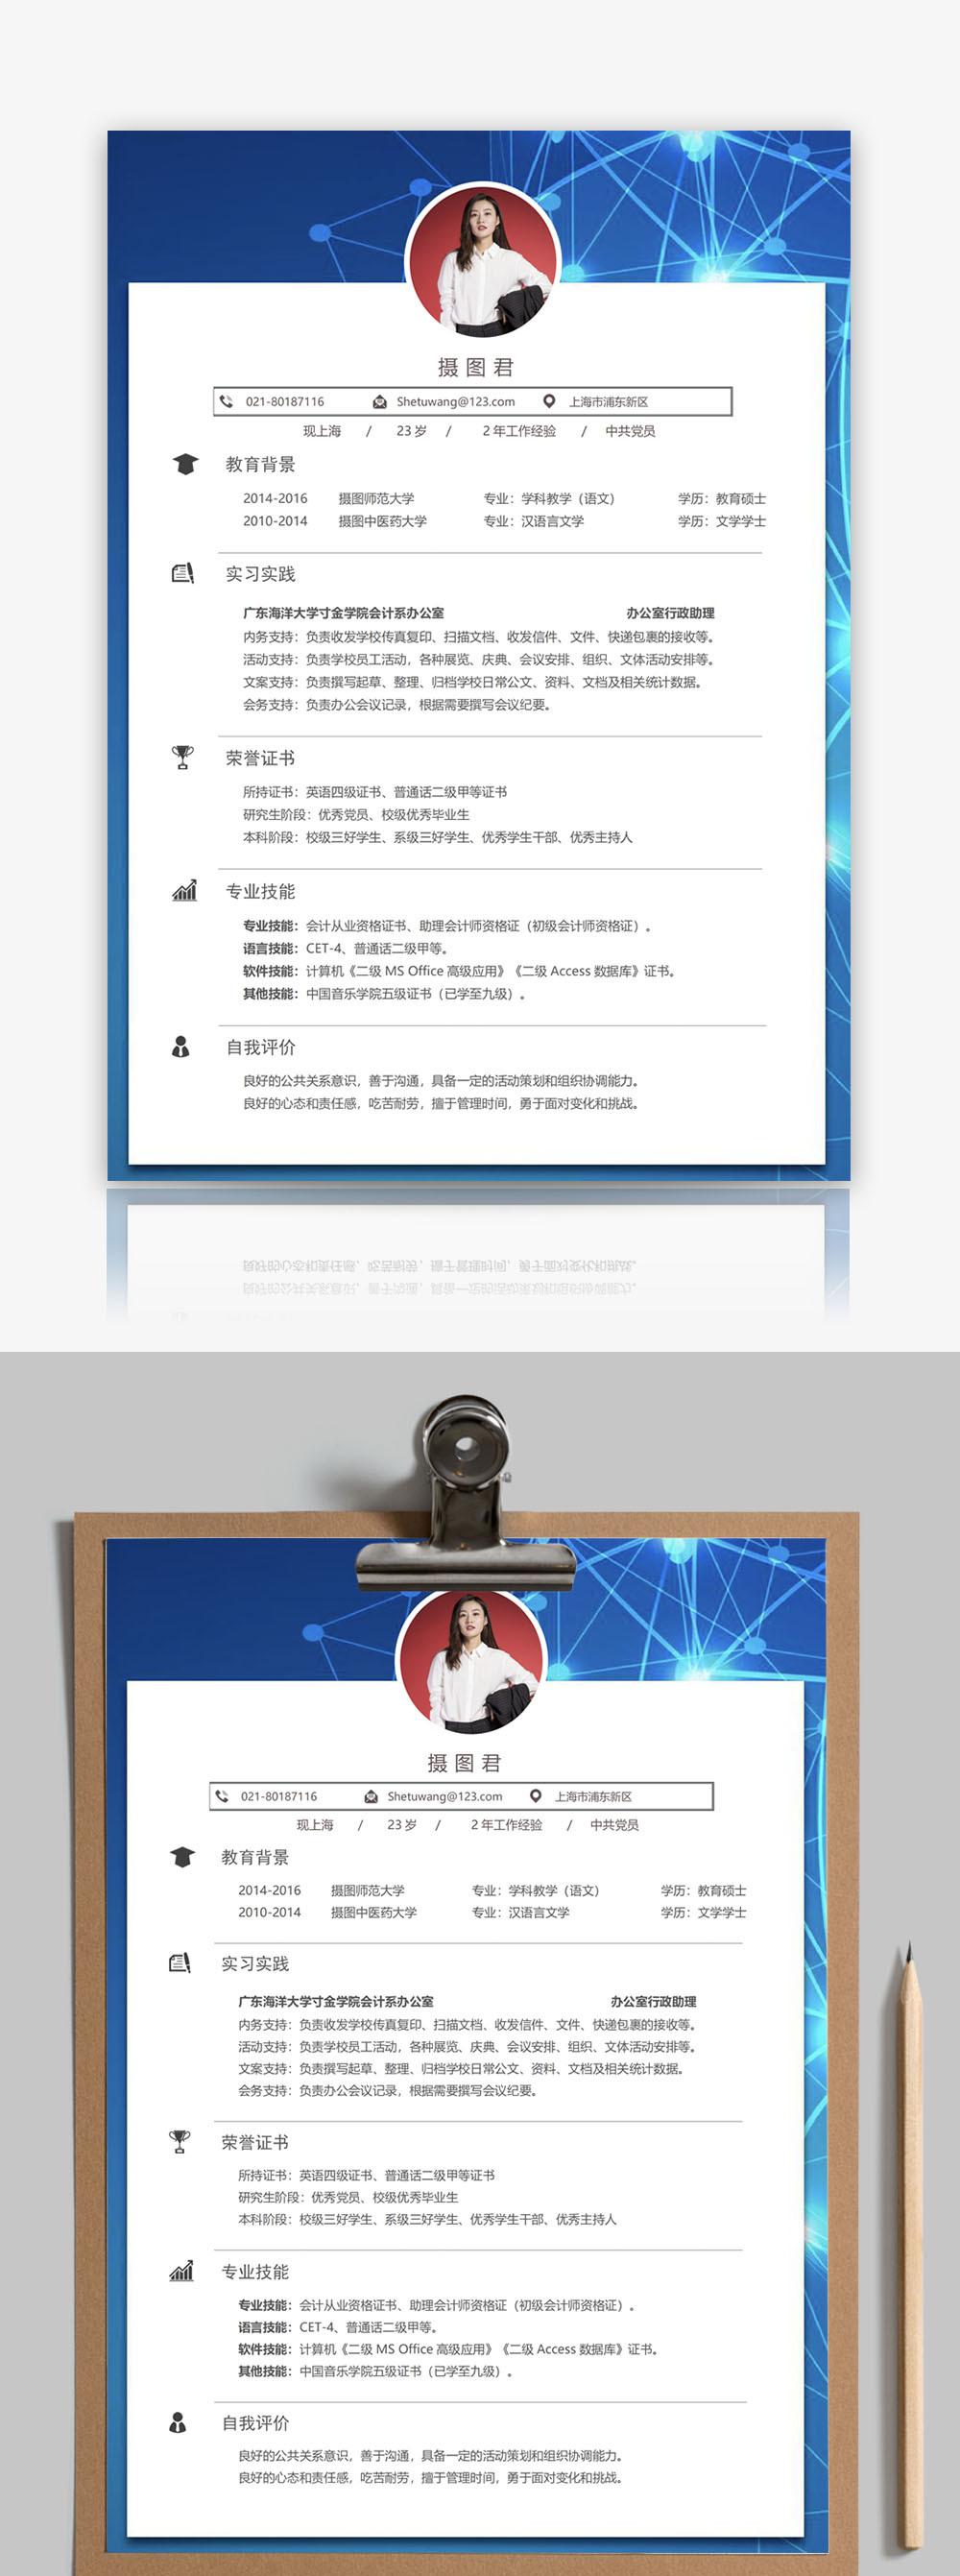 办公室行政助理个人简历word模板图片